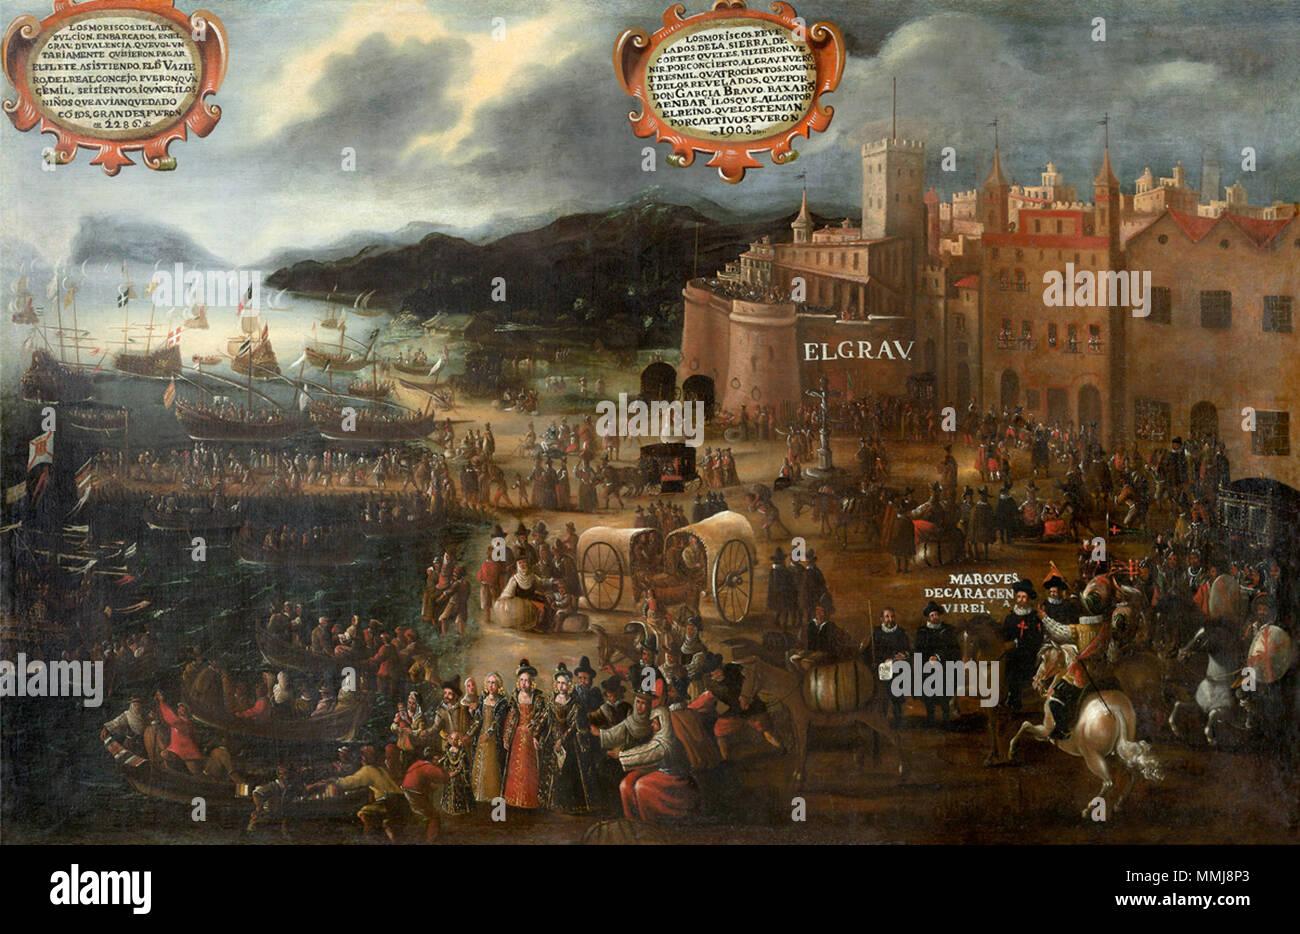 Spanish: Embarco moriscos en el Grao de Valencia.. 1616. Pere Oromig Embarco moriscos en el Grao de valencia Stock Photo